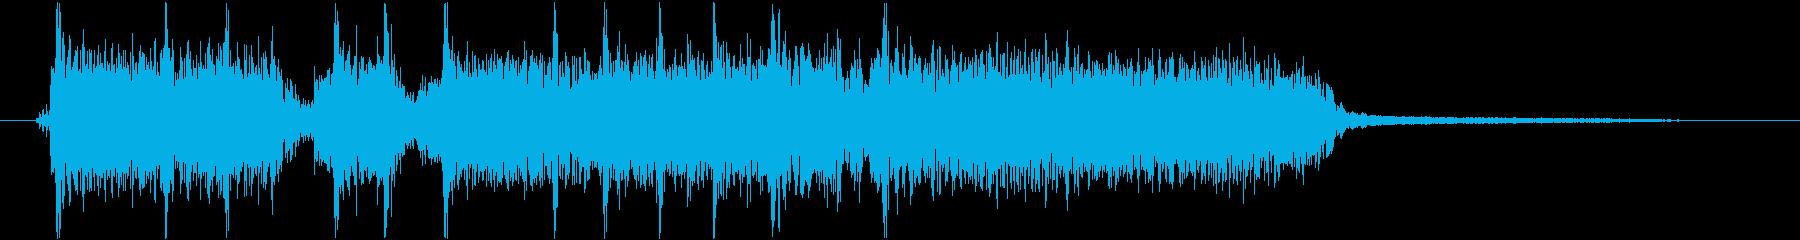 重い音のハードロックジングルの再生済みの波形